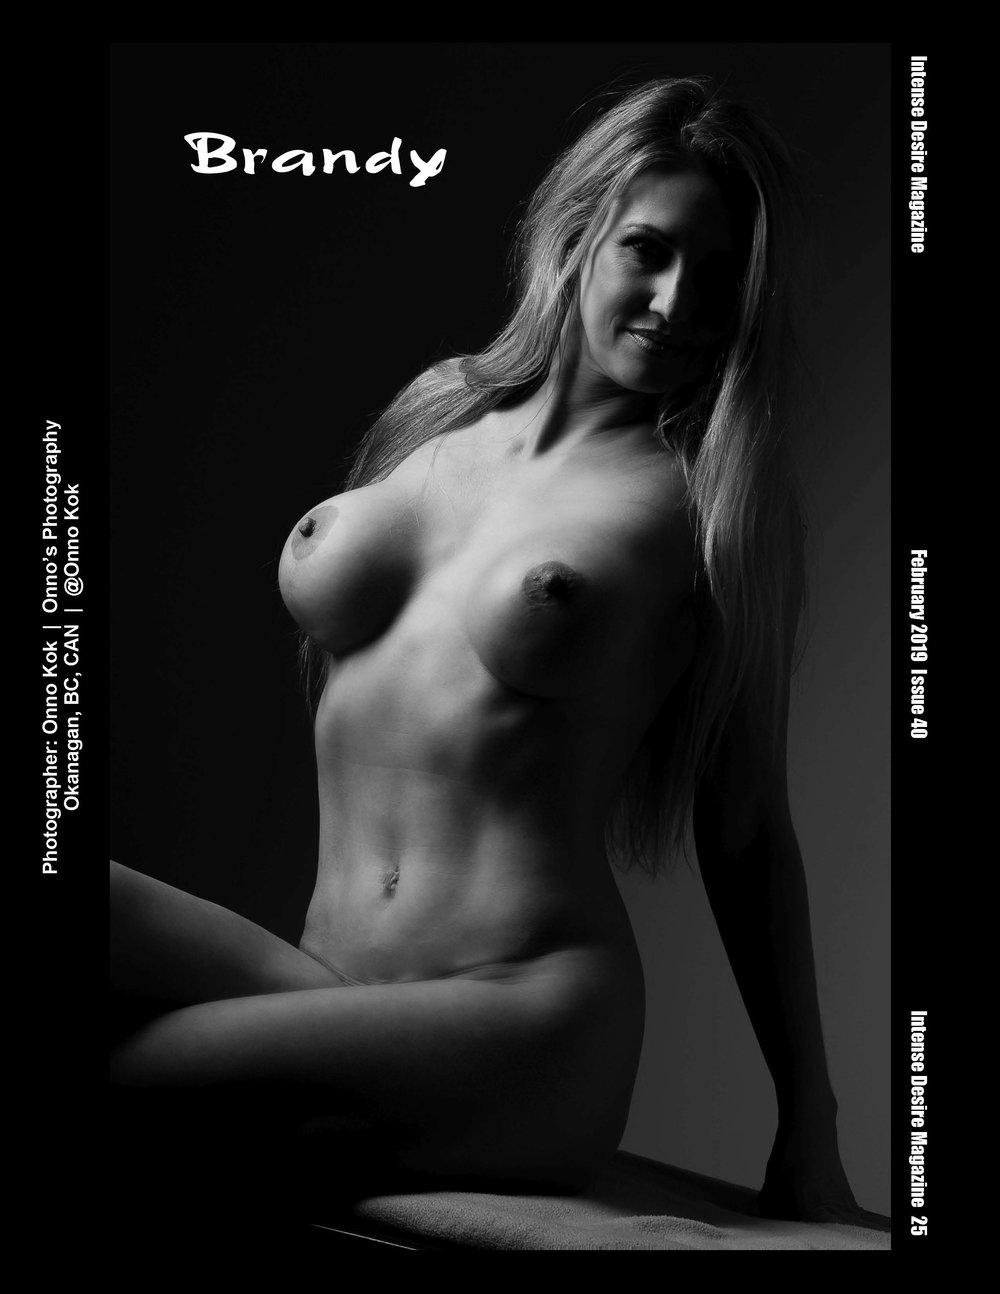 Model Brandy